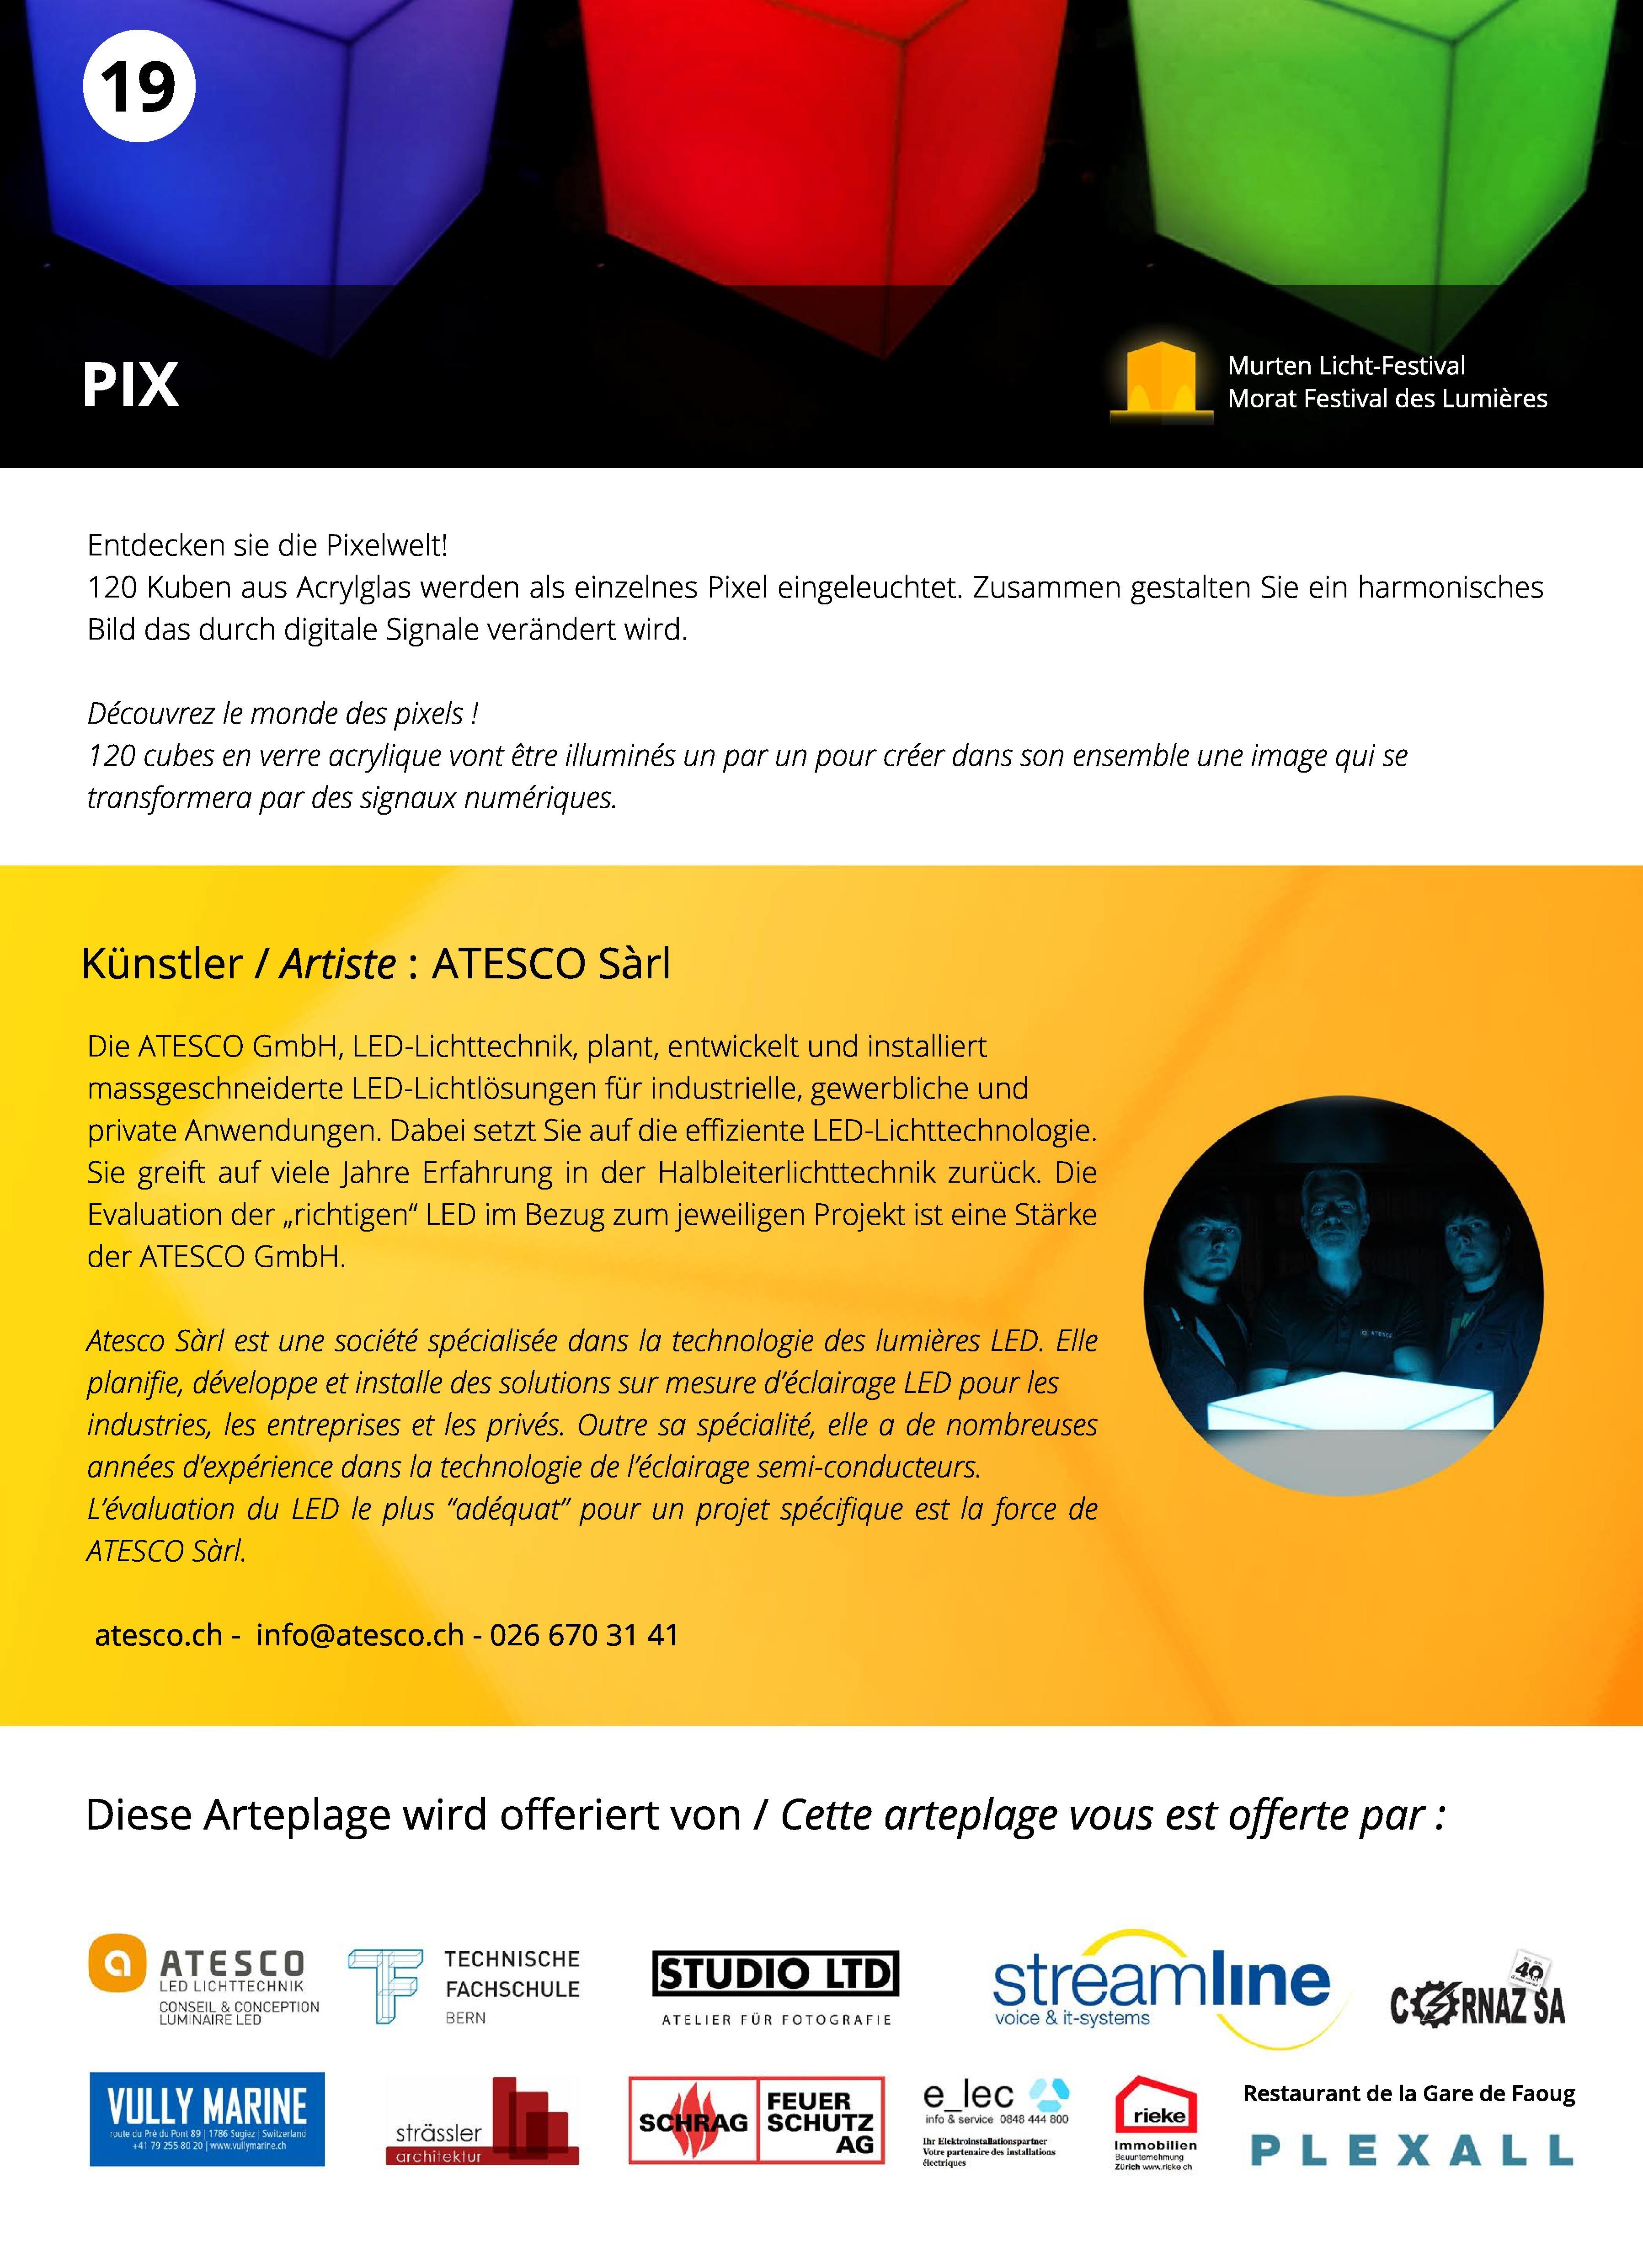 arteplage pix